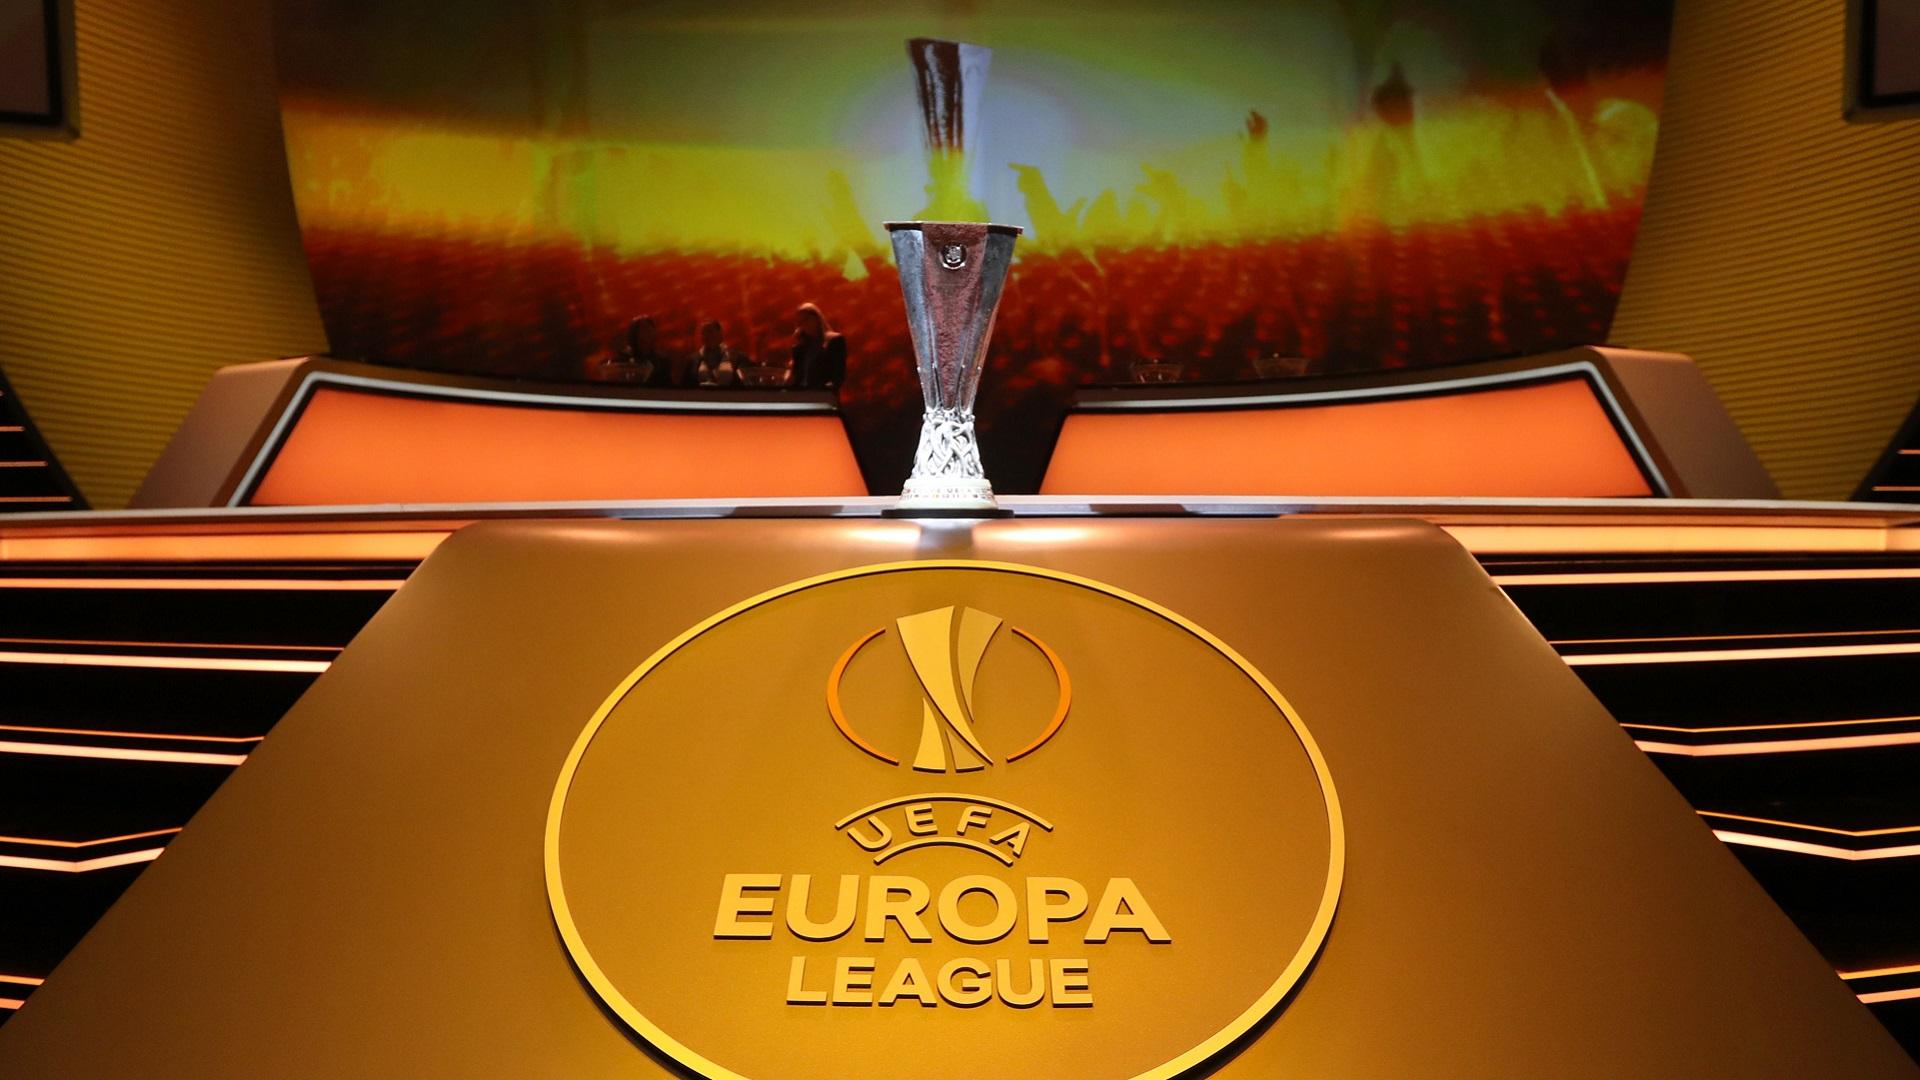 كيف واصل أرسنال تألقه في الدوري الأوروبي؟ الدوري الأوروبي نظام البطولة الجوائز التاريخ وعلاقتها بكأس المعارض Goal Com